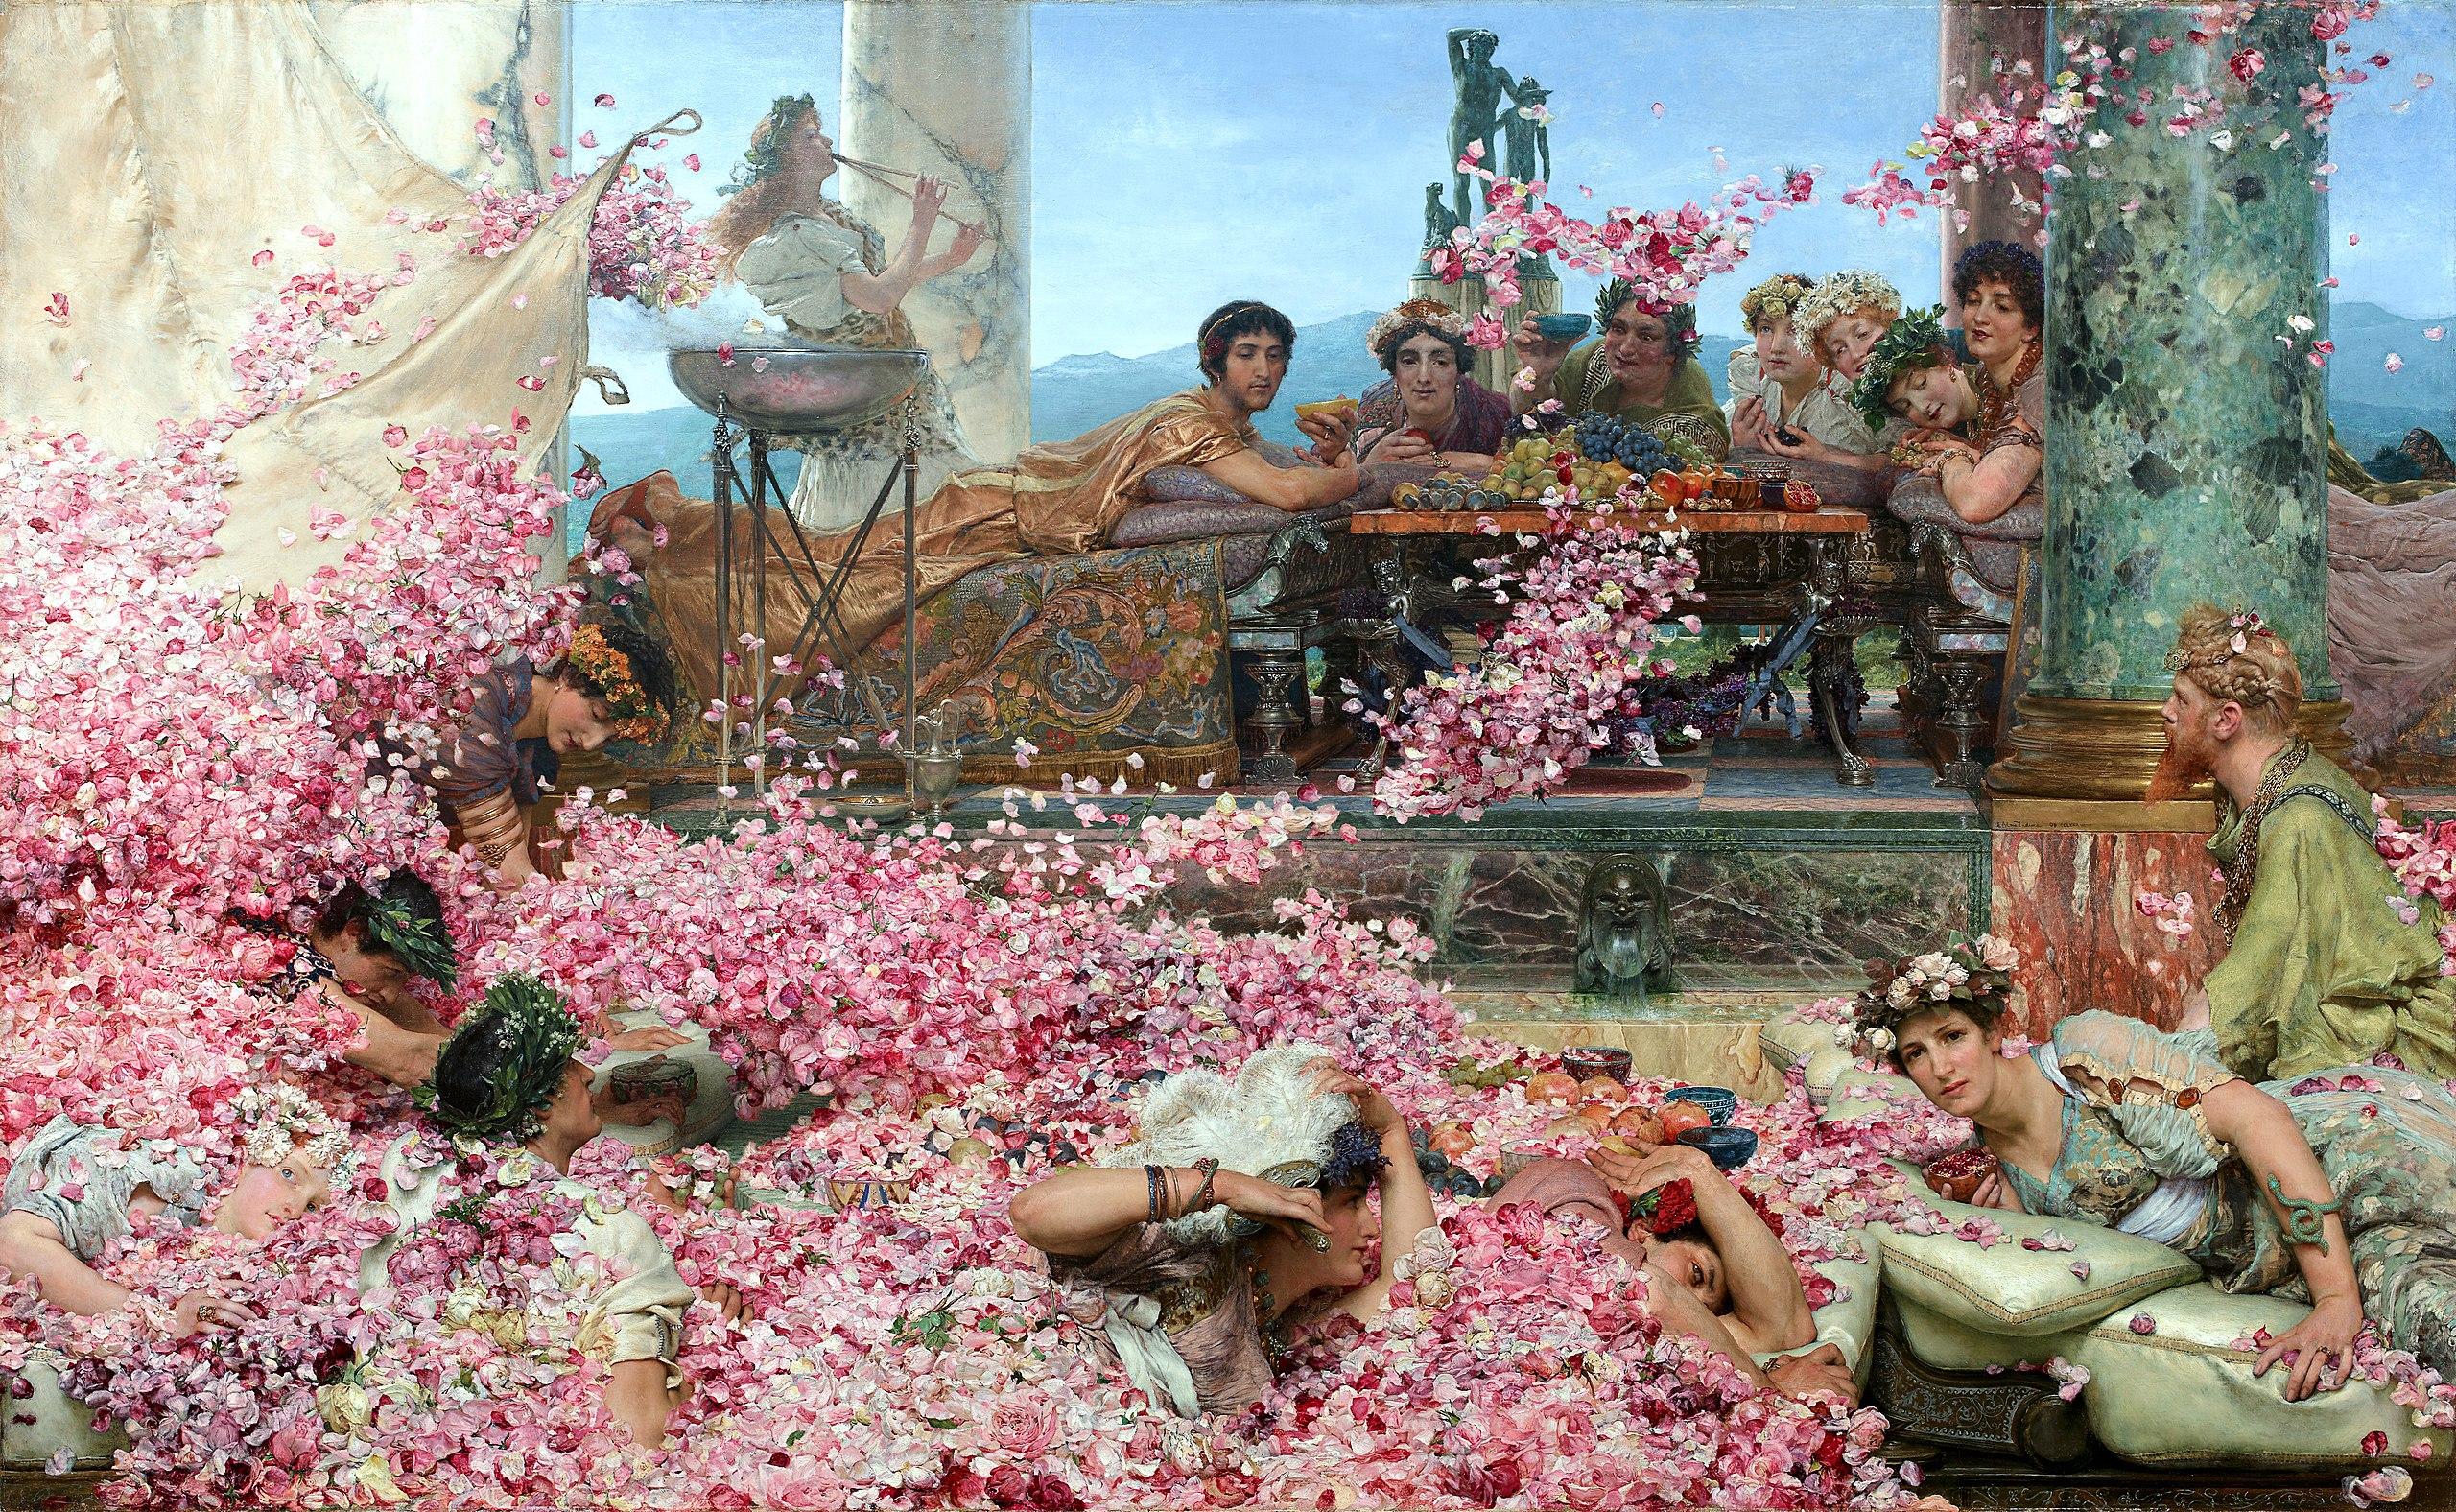 2560px-The_Roses_of_Heliogabalus.jpg